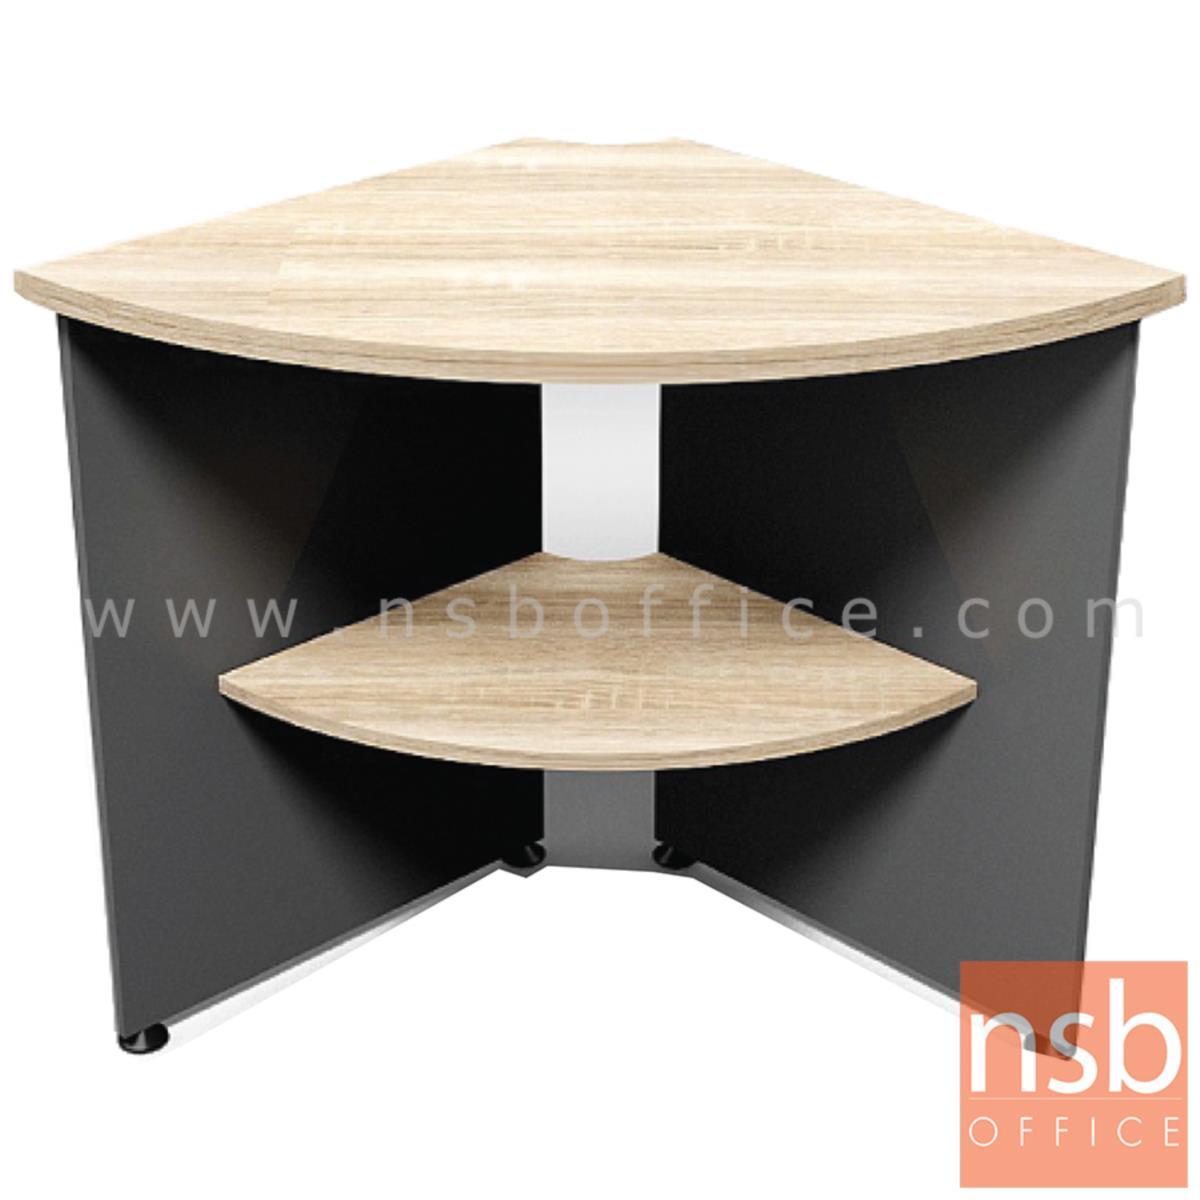 A13A190:โต๊ะเข้ามุม 2 แผ่นชั้น  รุ่น NCK-700  ขนาด 70W cm. เมลามีน สีแกรนโอ๊คตัดกราไฟท์